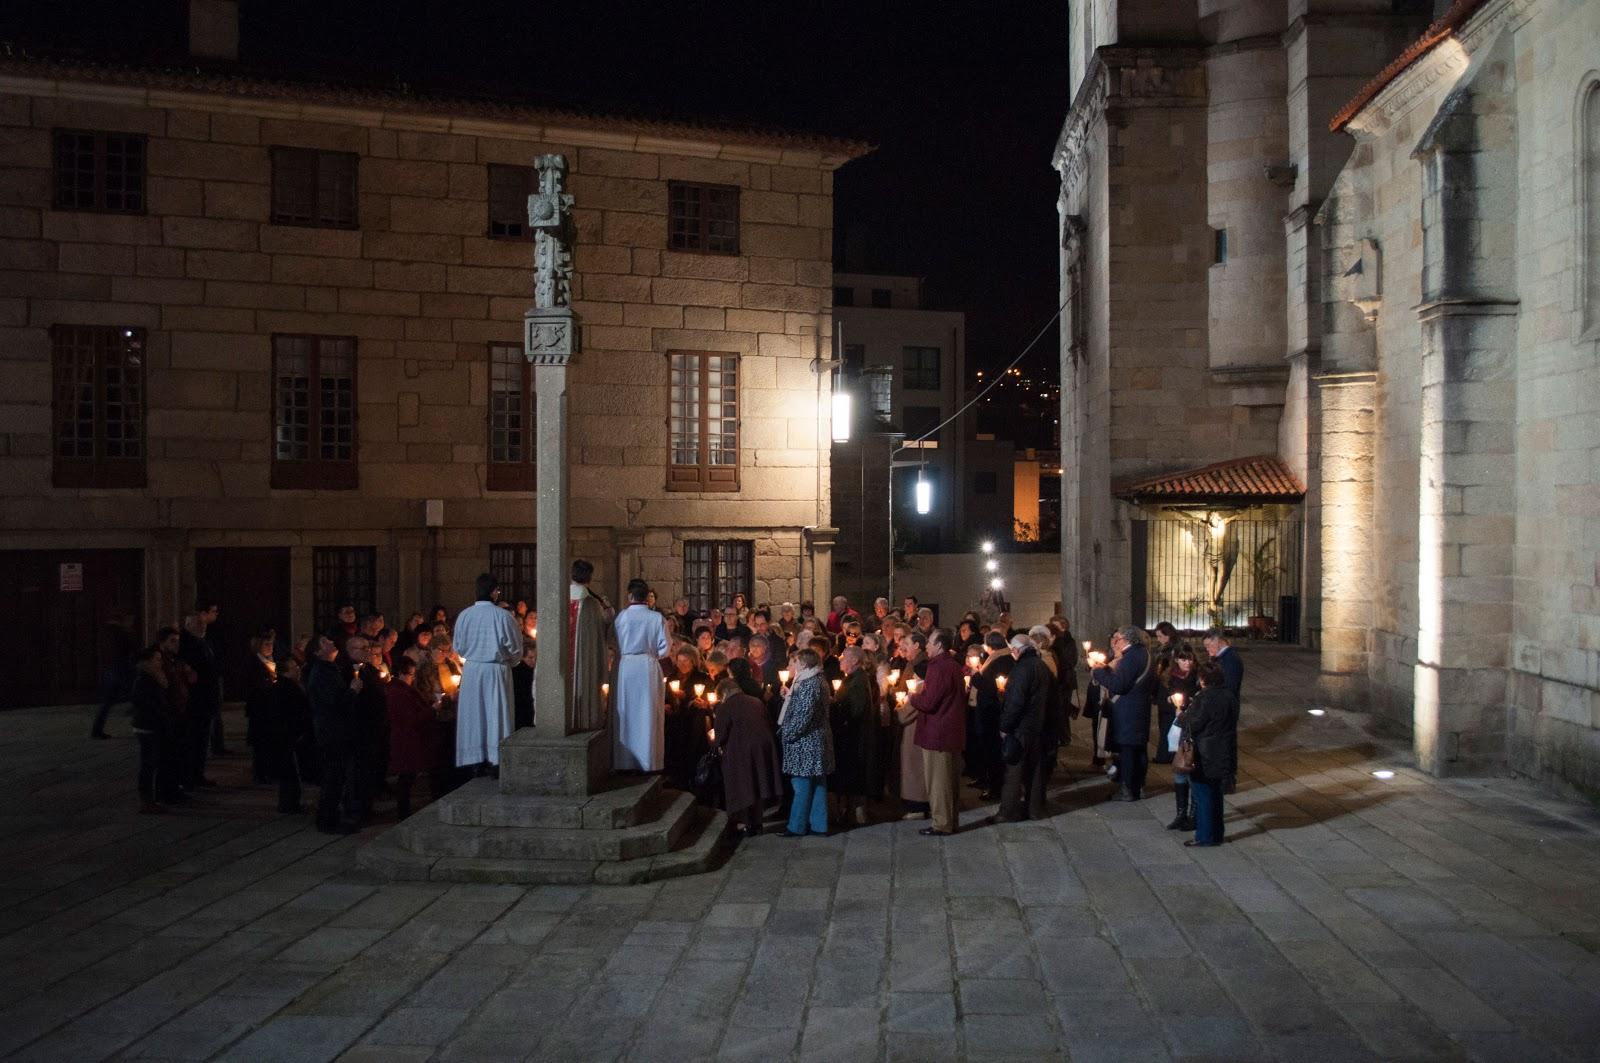 4 Fiestas: la Purificación, Presentación en el Templo, las Candelas y Virgen de la Candelaria (2 feb)